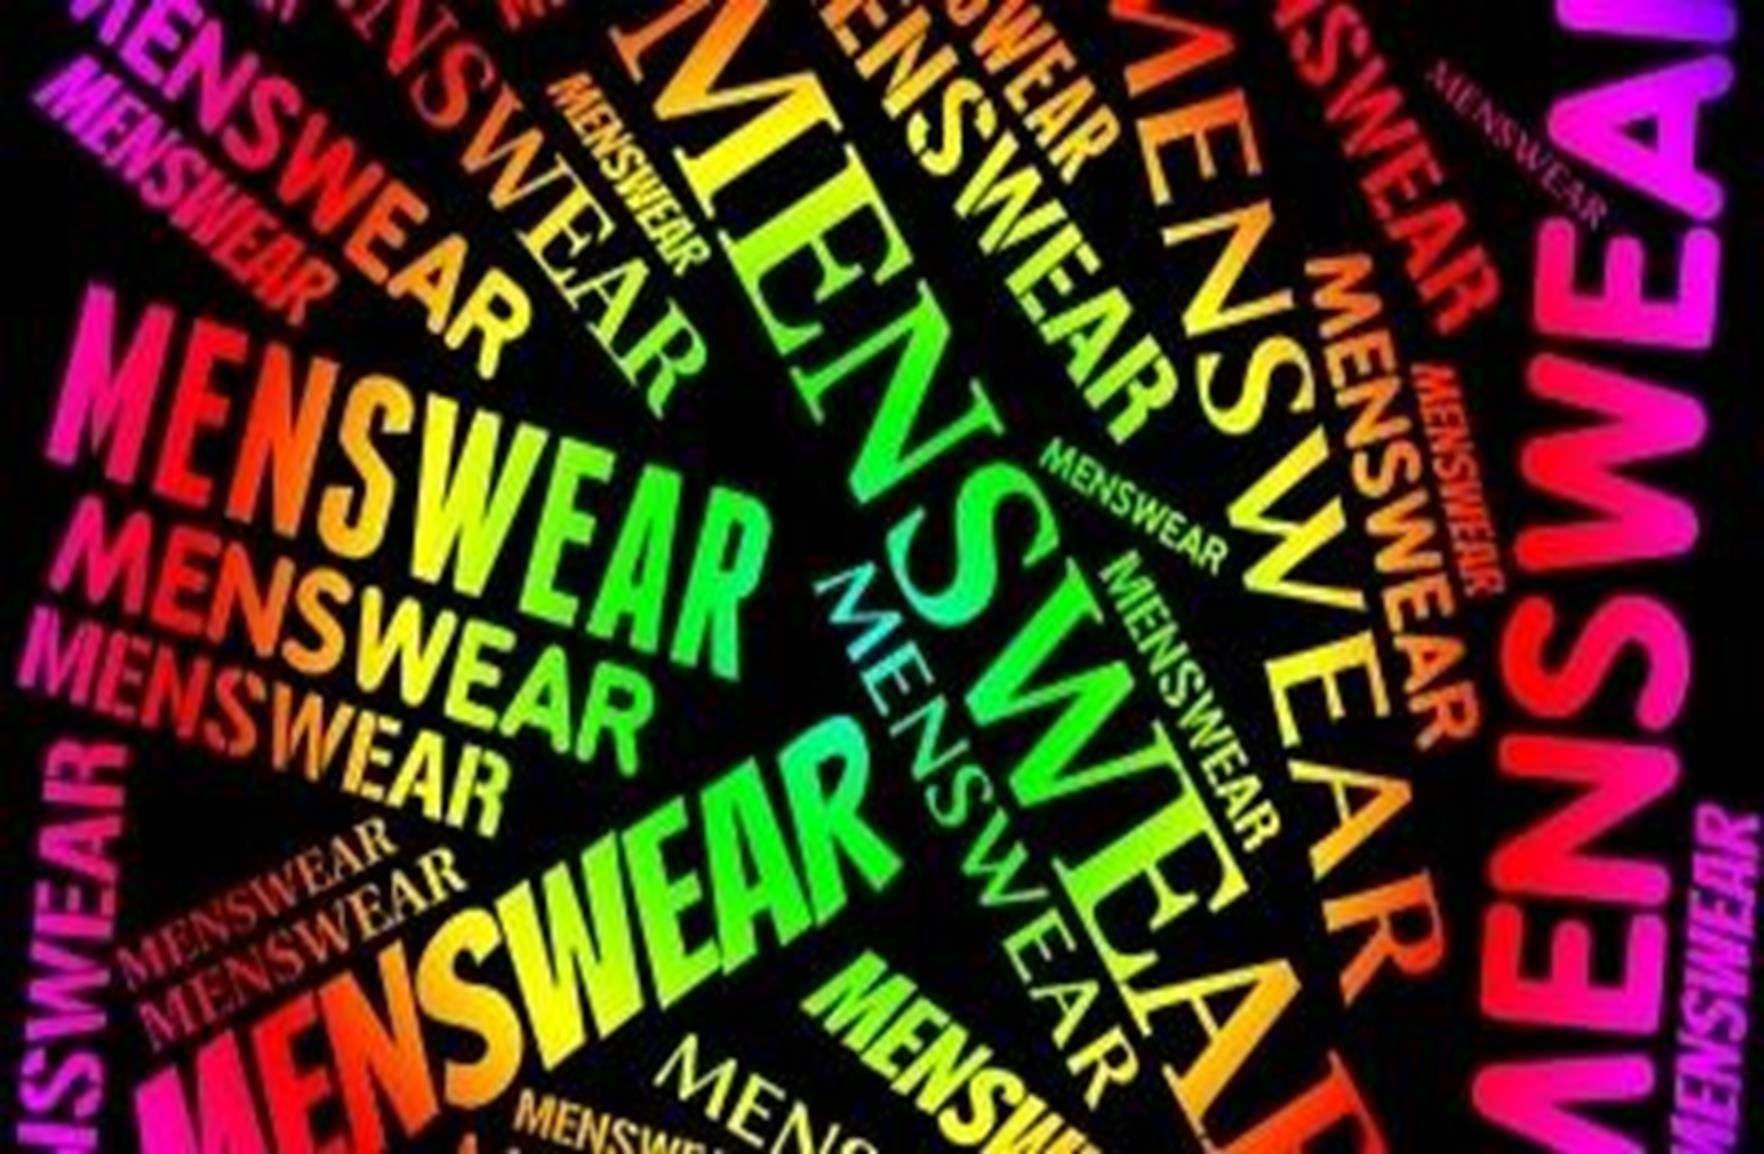 Menswear WordPlay